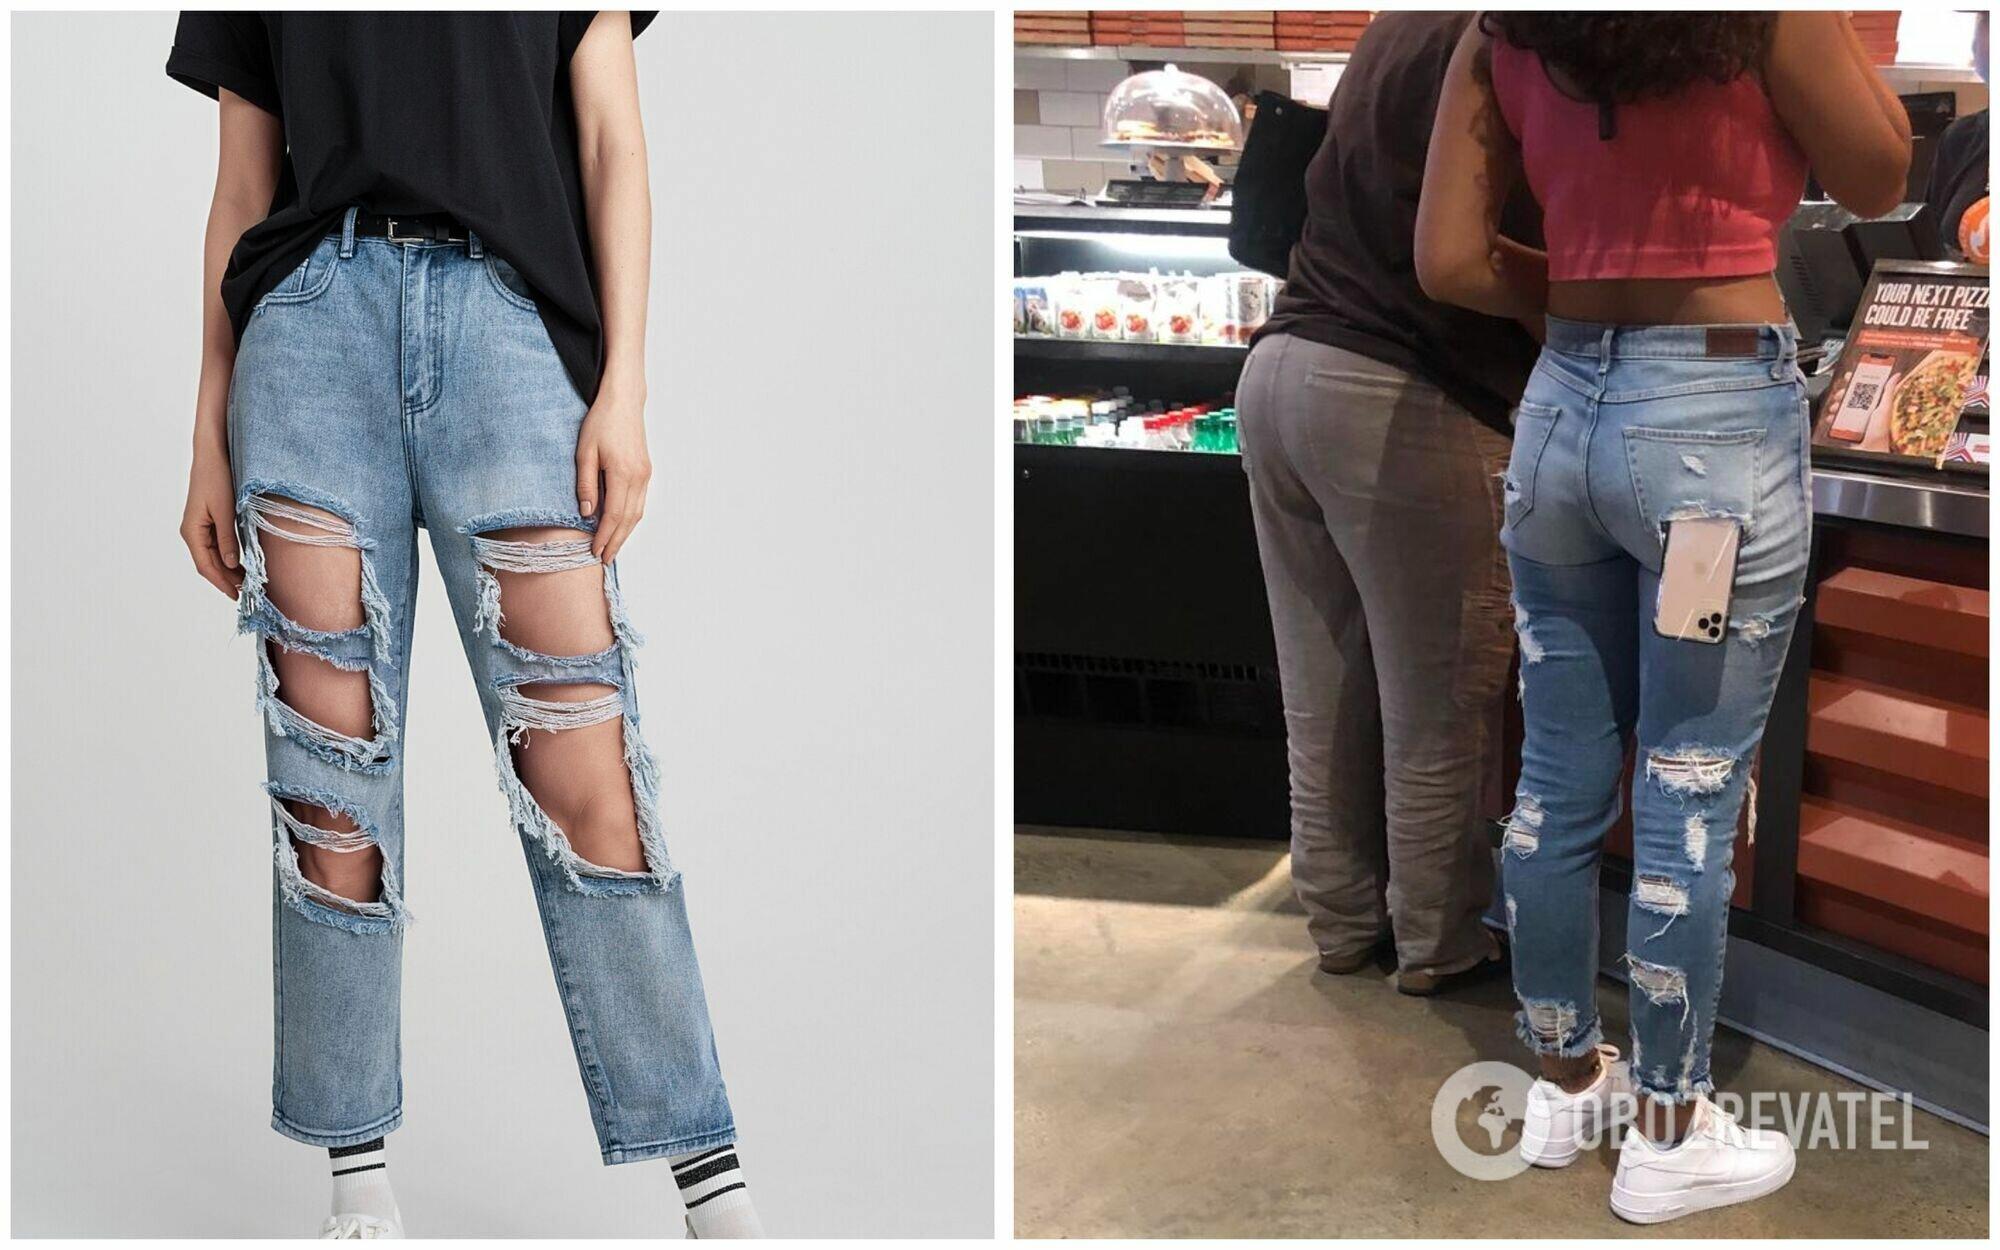 Рваные джинсы уже давно вышли из моды